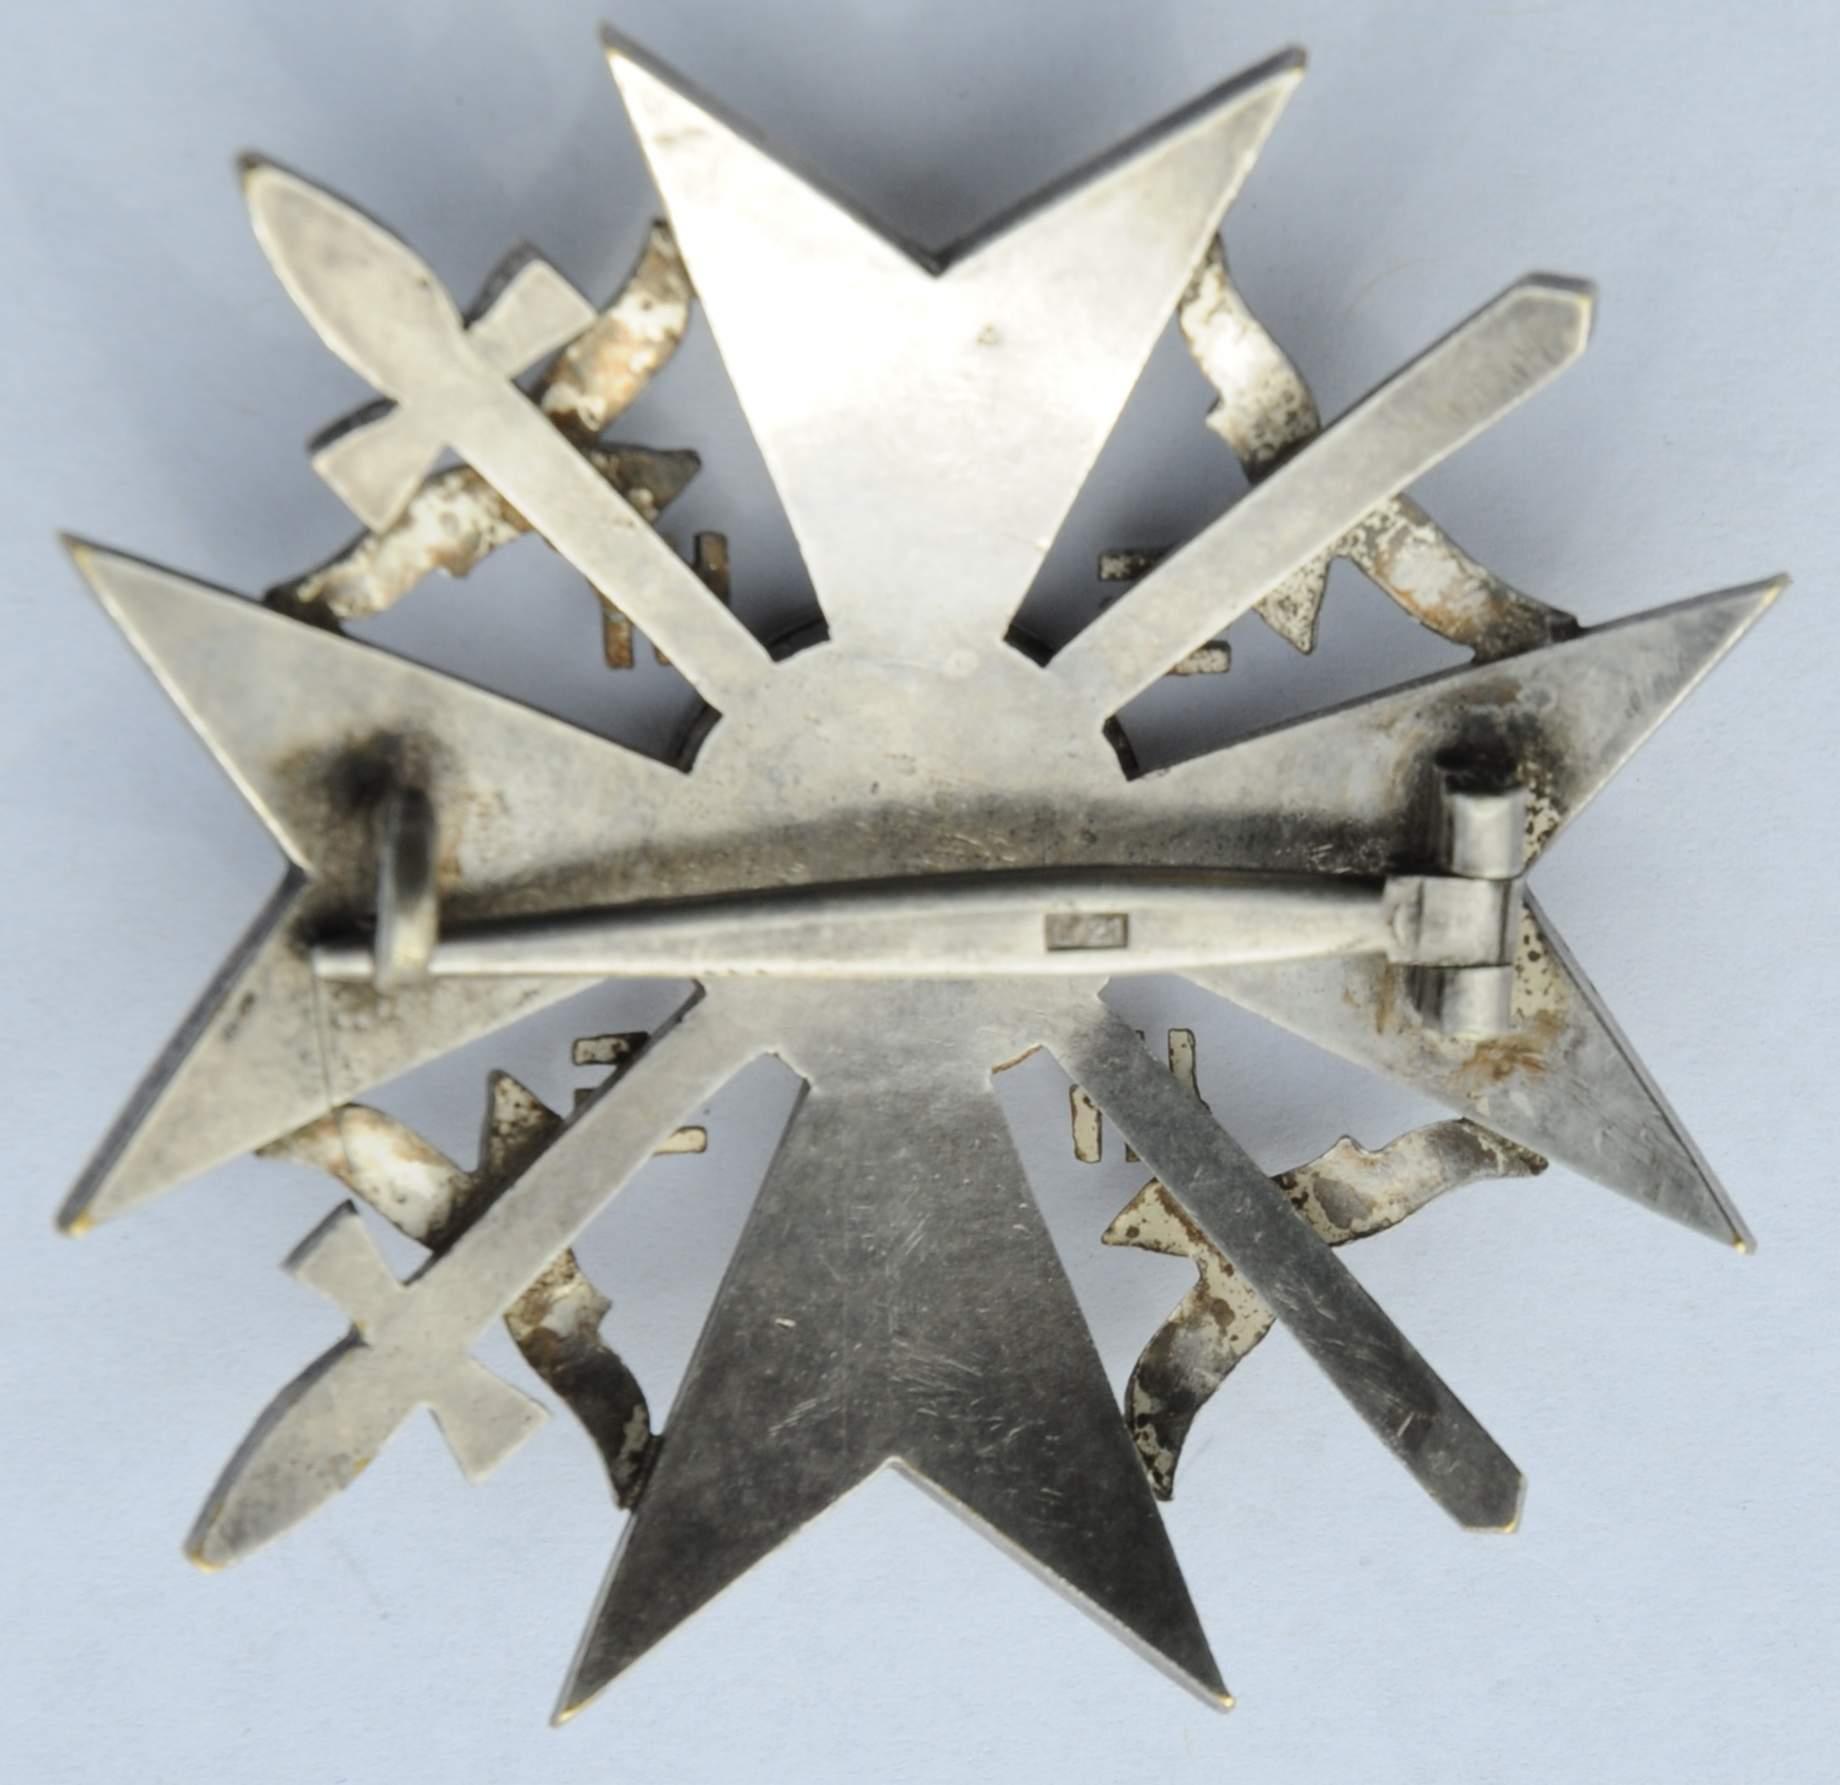 1133403d1511141351-spanienkreuz-silber-mit-schwerter-017 Verwunderlich Reich Werden Mit Silber Dekorationen